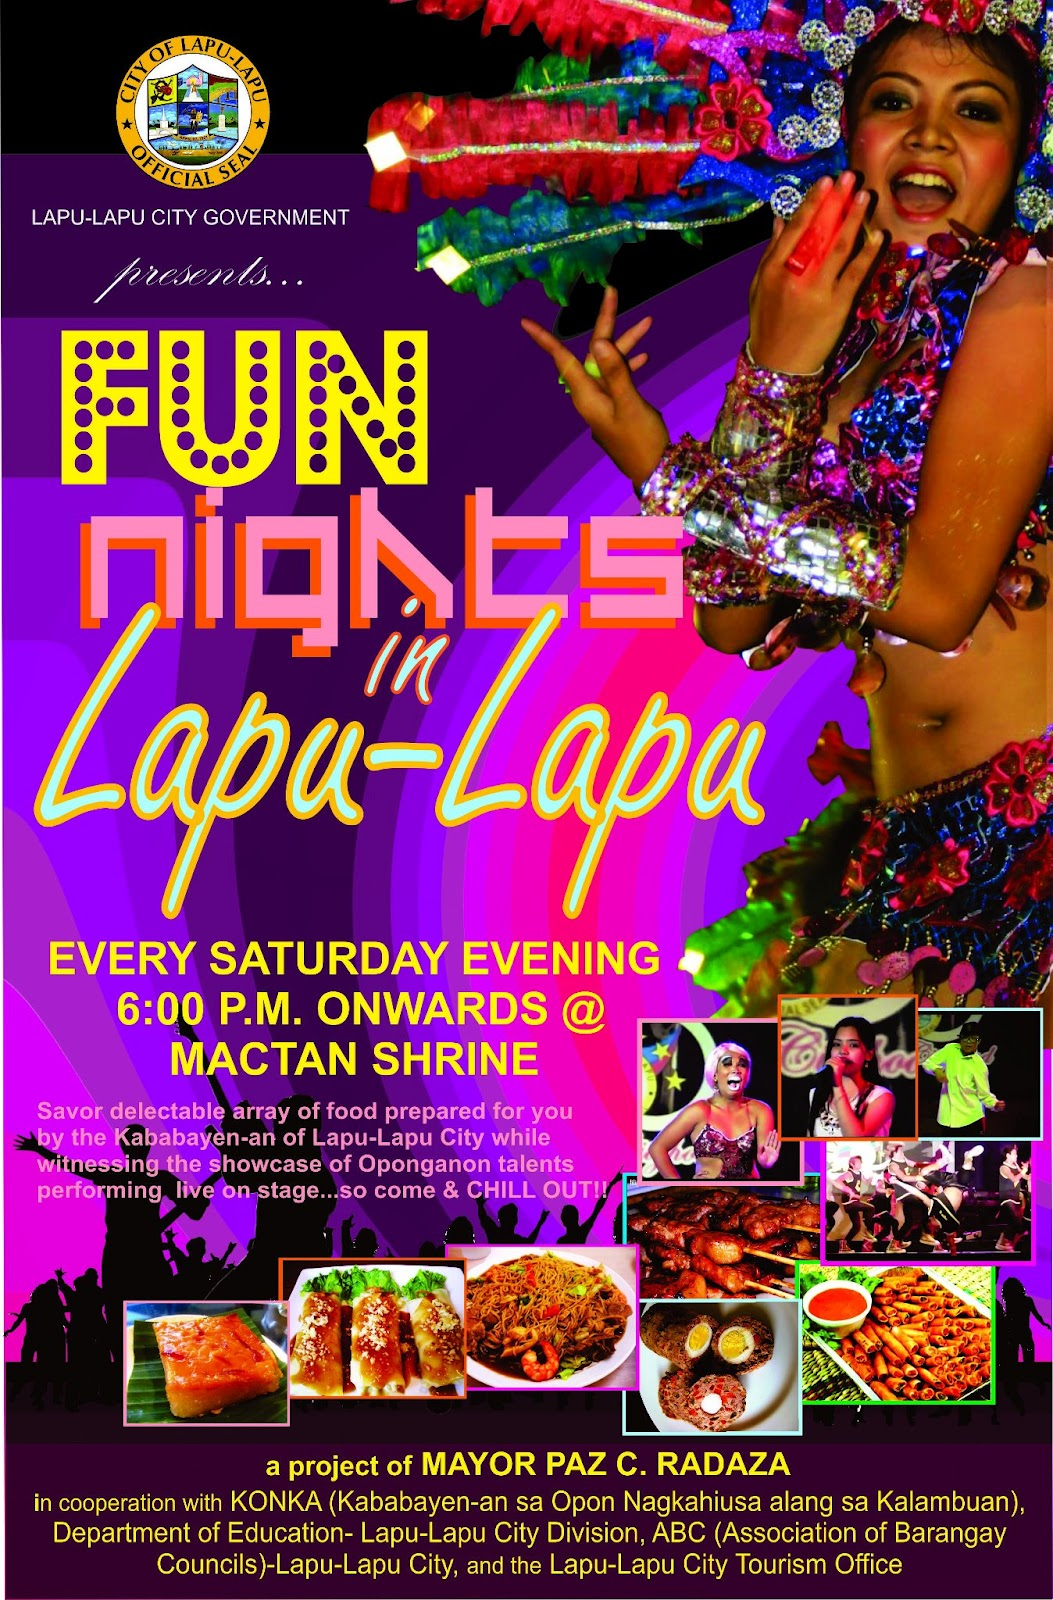 http://1.bp.blogspot.com/-0vJuB-Abk_A/T82tUiWkgoI/AAAAAAAAC0U/6oZmR3UILgU/s1600/Mactan+Shrine+Events+Hotel+Resorts+Lapu+Lapu+City+Mactan+Island.jpg